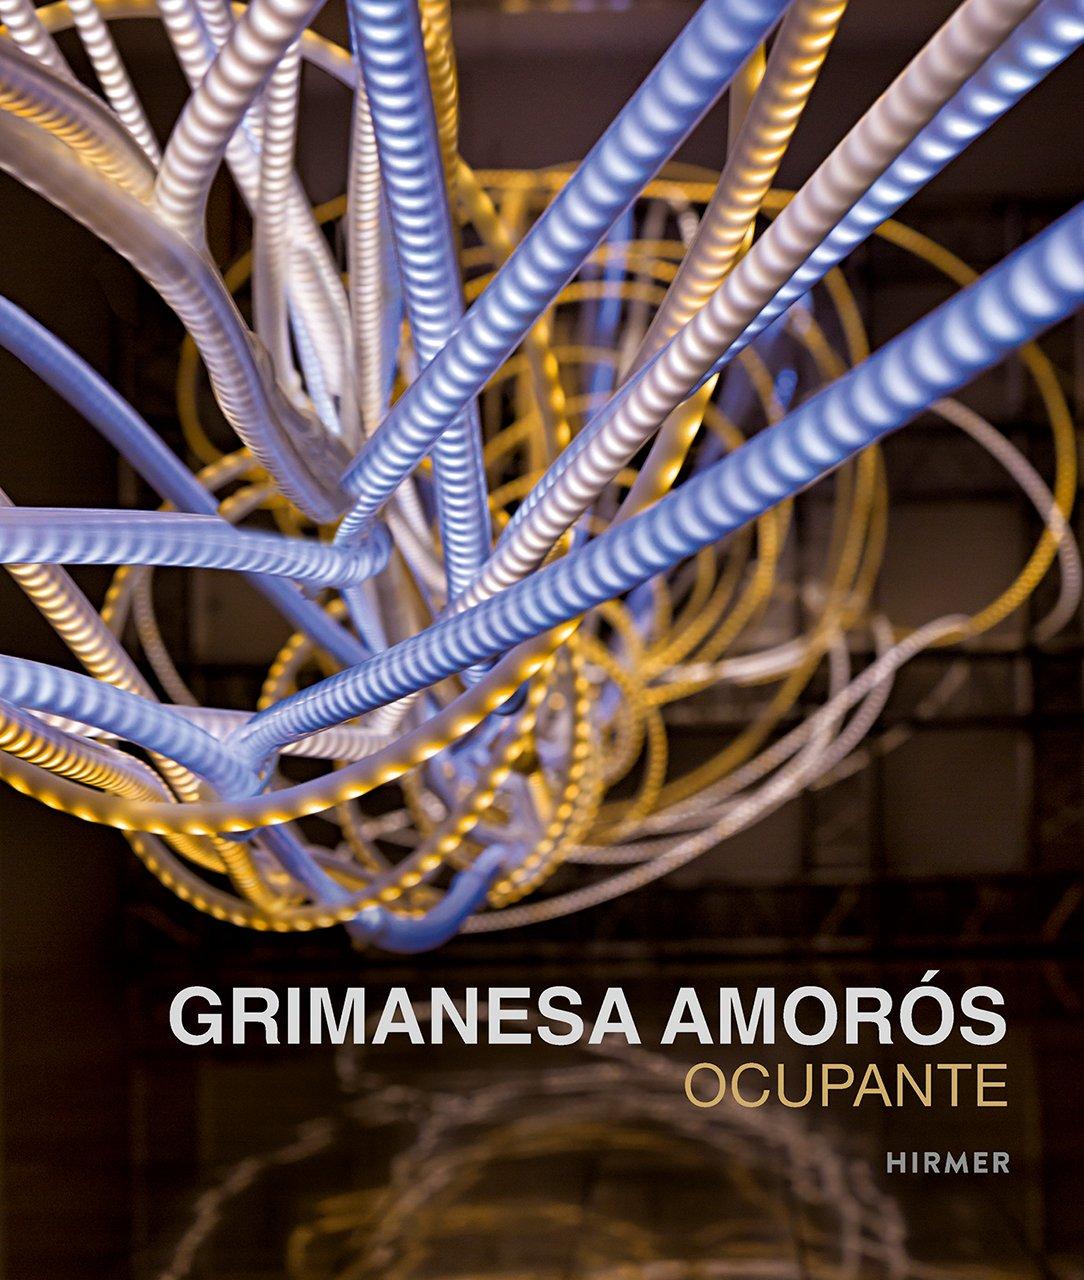 Shop Katalog Cover Buch Gimanesa Amorós